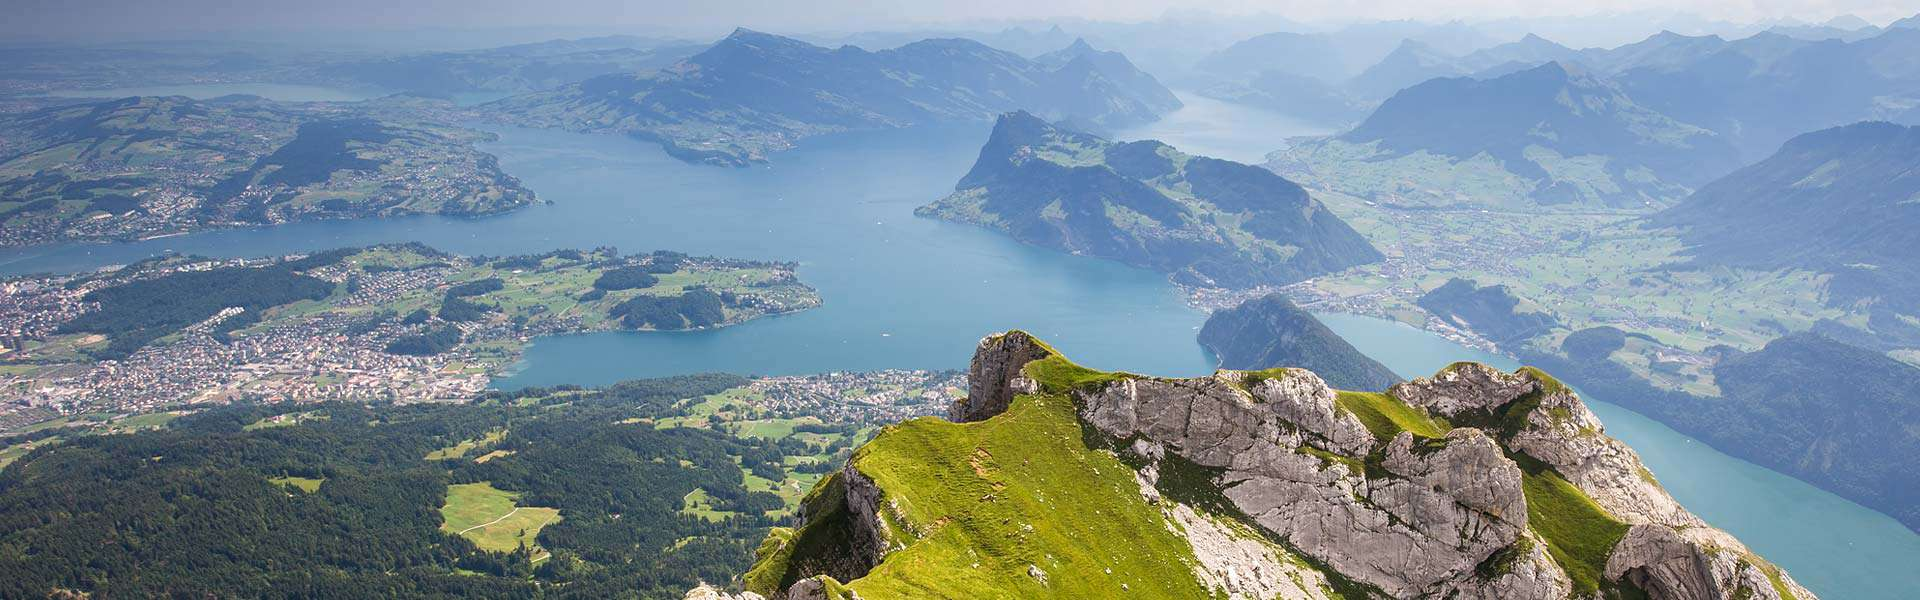 Ein traumhaftes Panorama genießen! Das Bergmassiv Rigi in der Schweiz